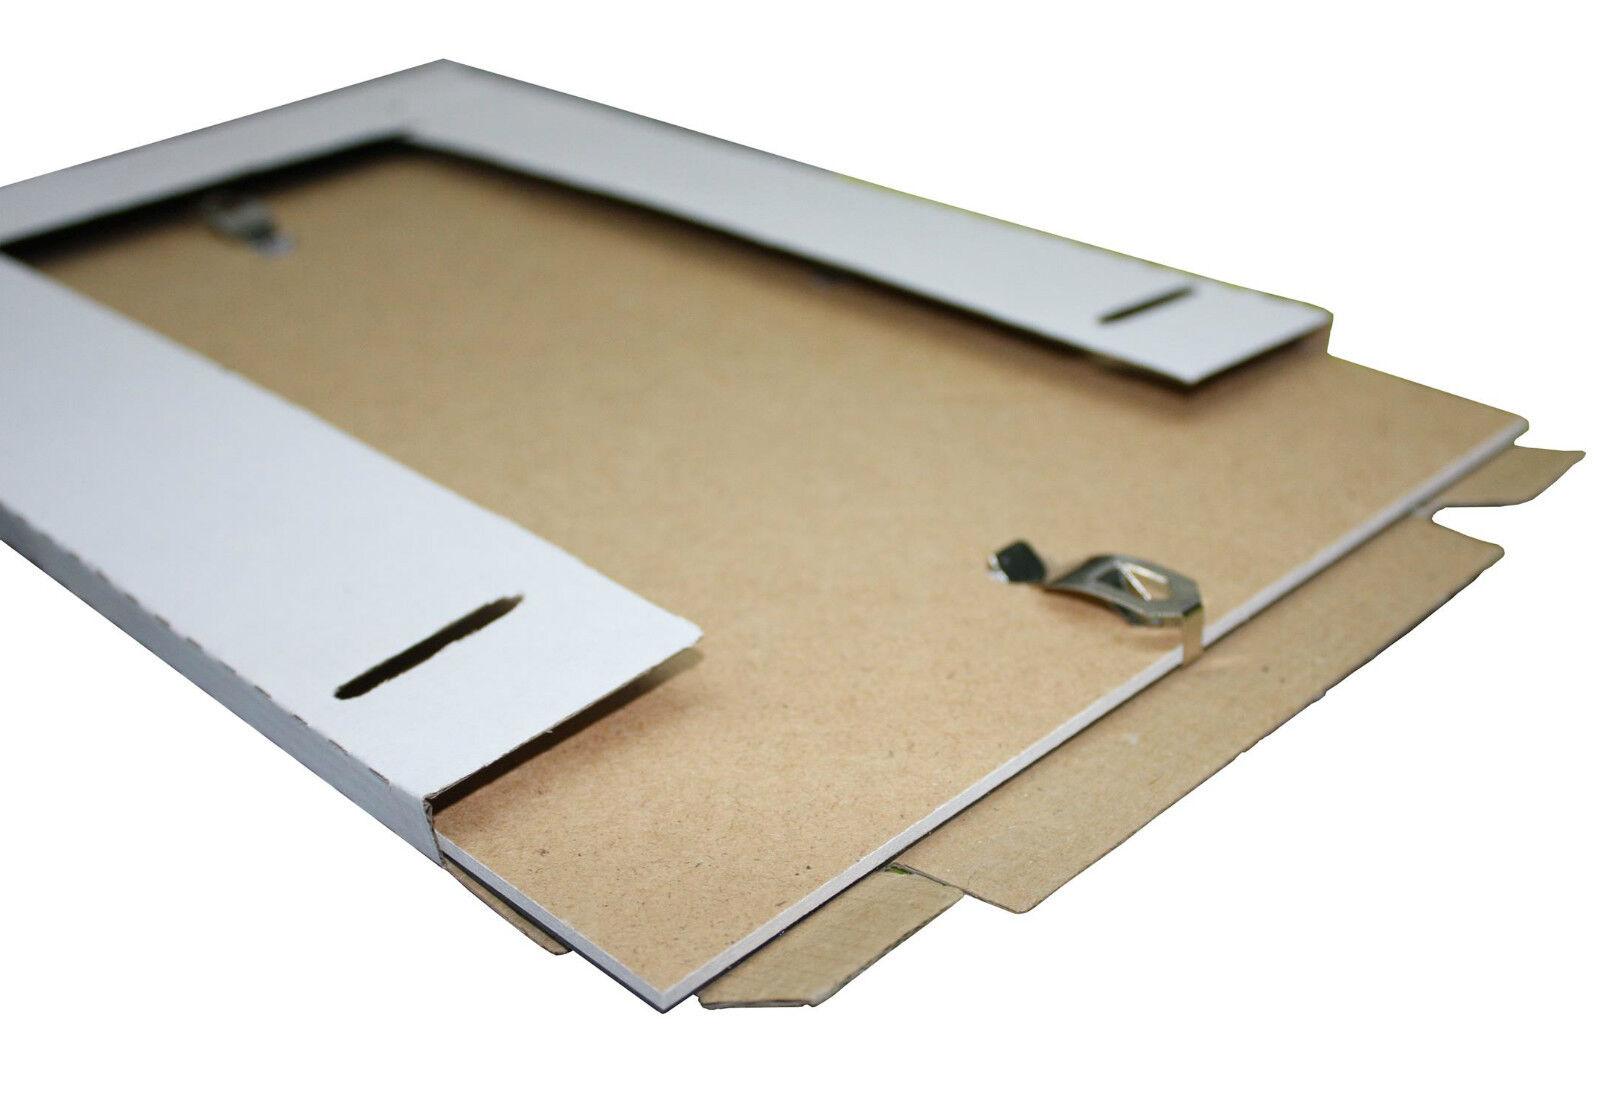 Rahmenloser Bilderrahmen Bildhalter Cliprahmen Fotorahmen Kunstglas Plexi